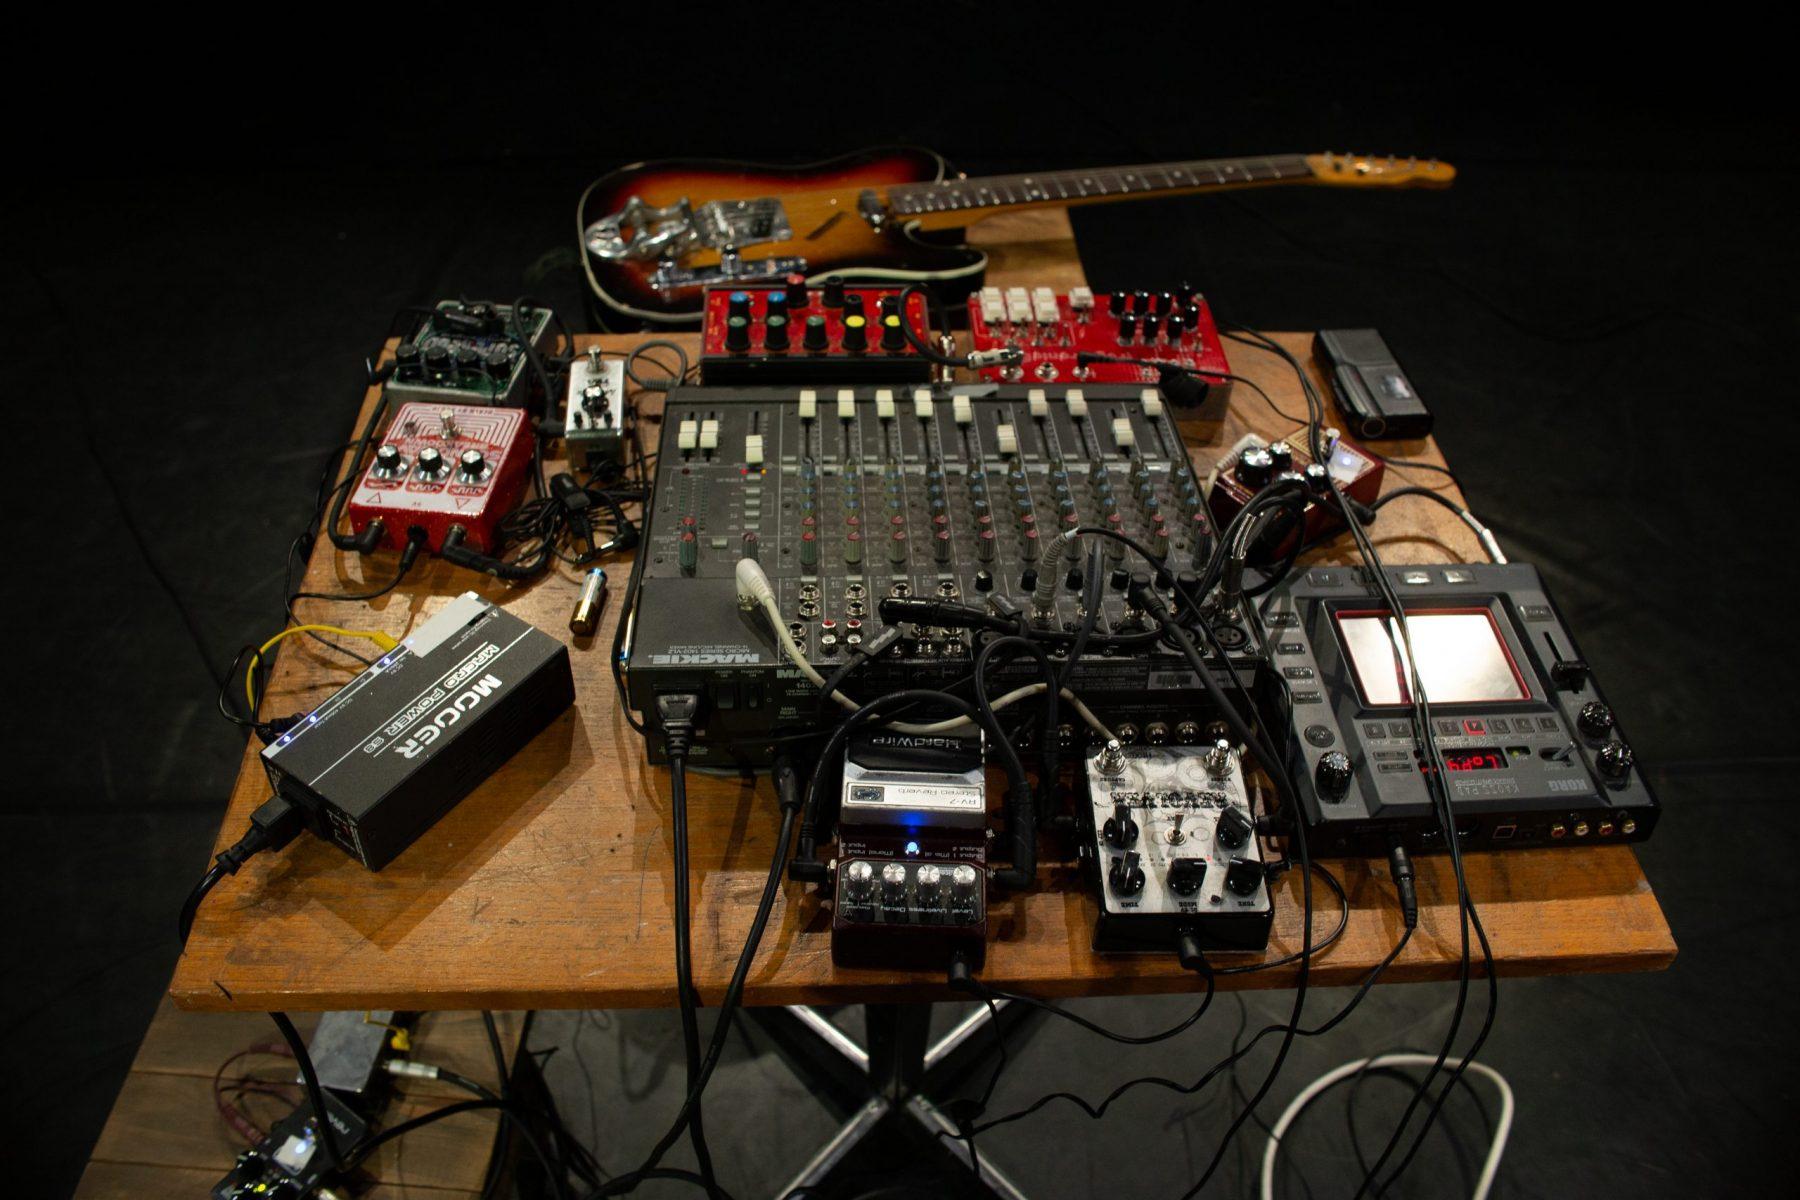 Ljudbordet-scaled